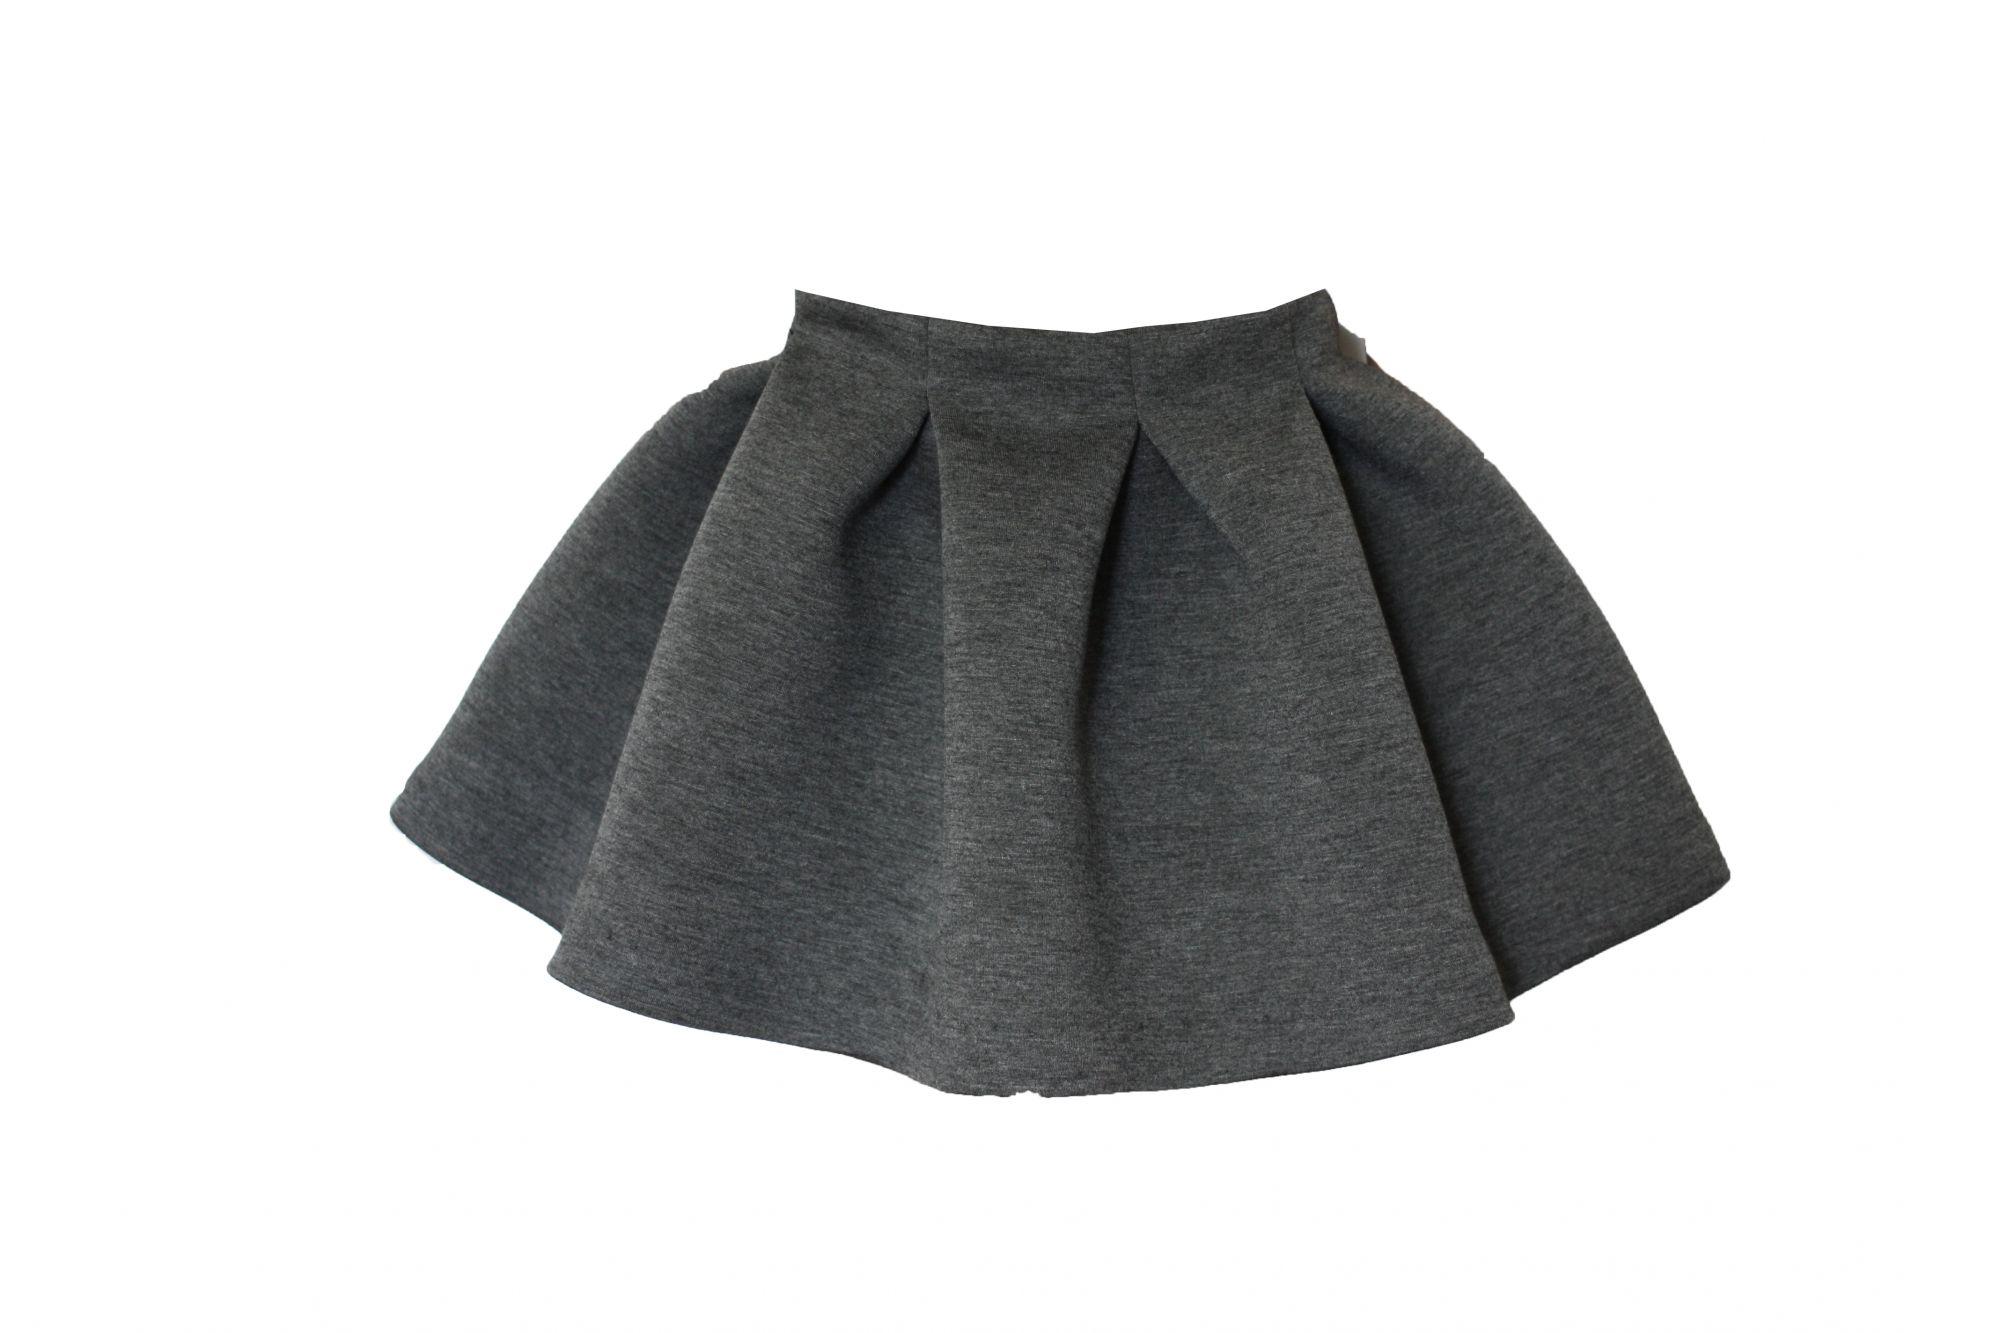 45682 Костюм для девочки бомбер+юбка (неопрен) ТЕМНО-СЕРЫЙ